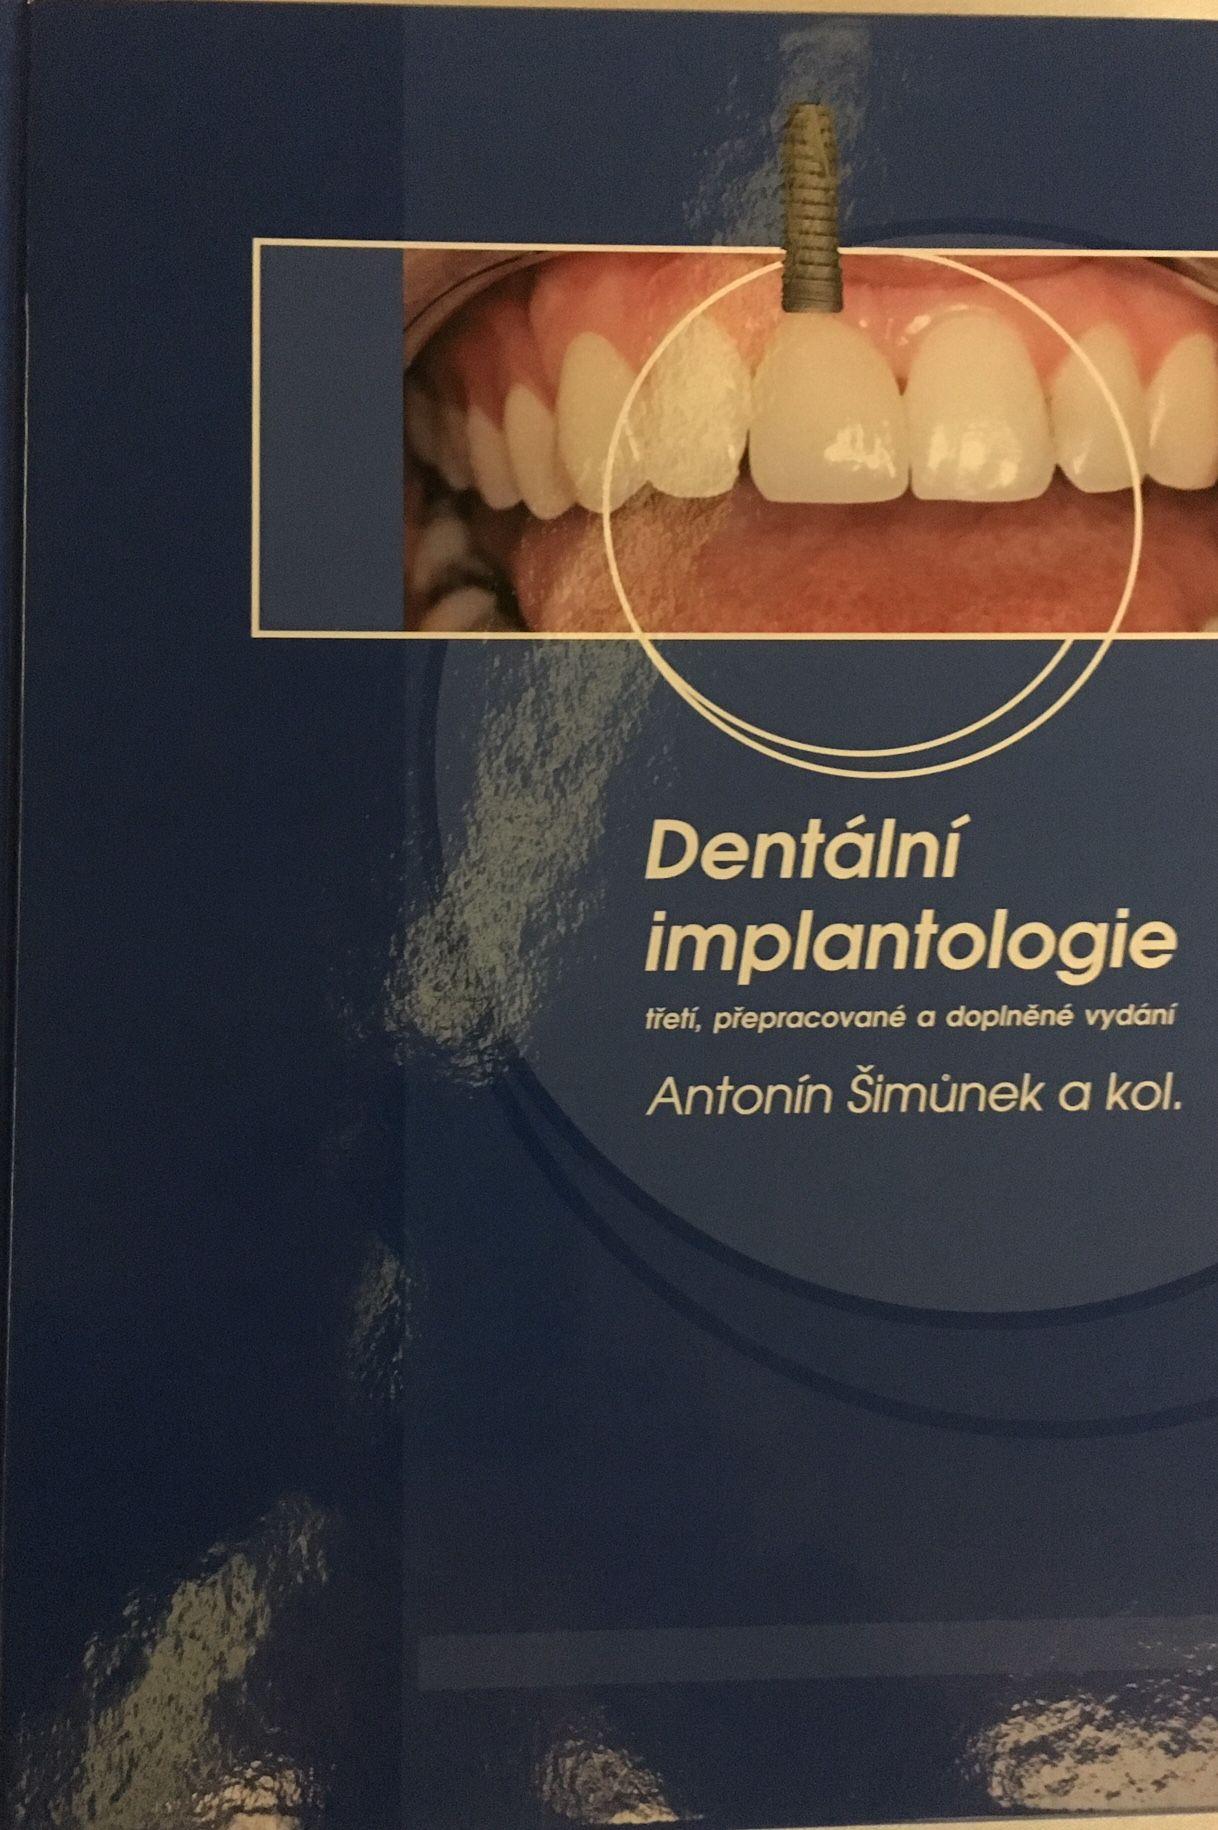 3rd Edition of Dental Implantology encyclopaedia Prof.Antonín Šimůnek and team of authors | 495 pages | Publishing ARTILIS ©2017 UIS Impladenta Europe page 35 | Tekscan - occlusion - page 227 | Křest knihy Dentální implantologie | 3. přepracované a doplněné vydání | Prof.Antonín Šimůnek a kol.| Nakladatelství ARTILIS - vydavatelka - Ing.Skůrova | ISBN 978-80-906794-0-5